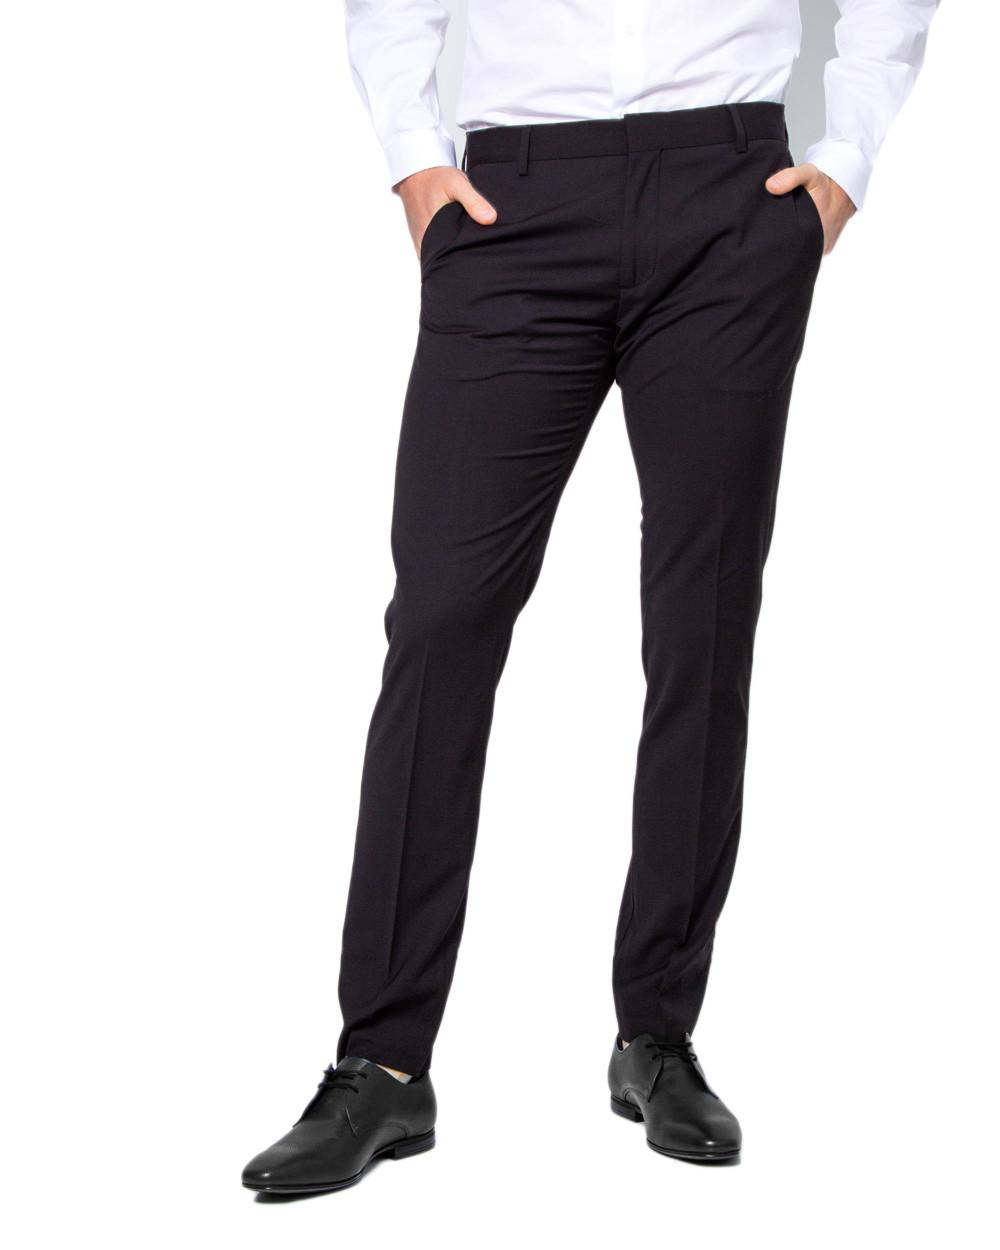 Marchio Antony Morato Genere Uomo Tipologia Pantaloni Stagione Primavera/Es…